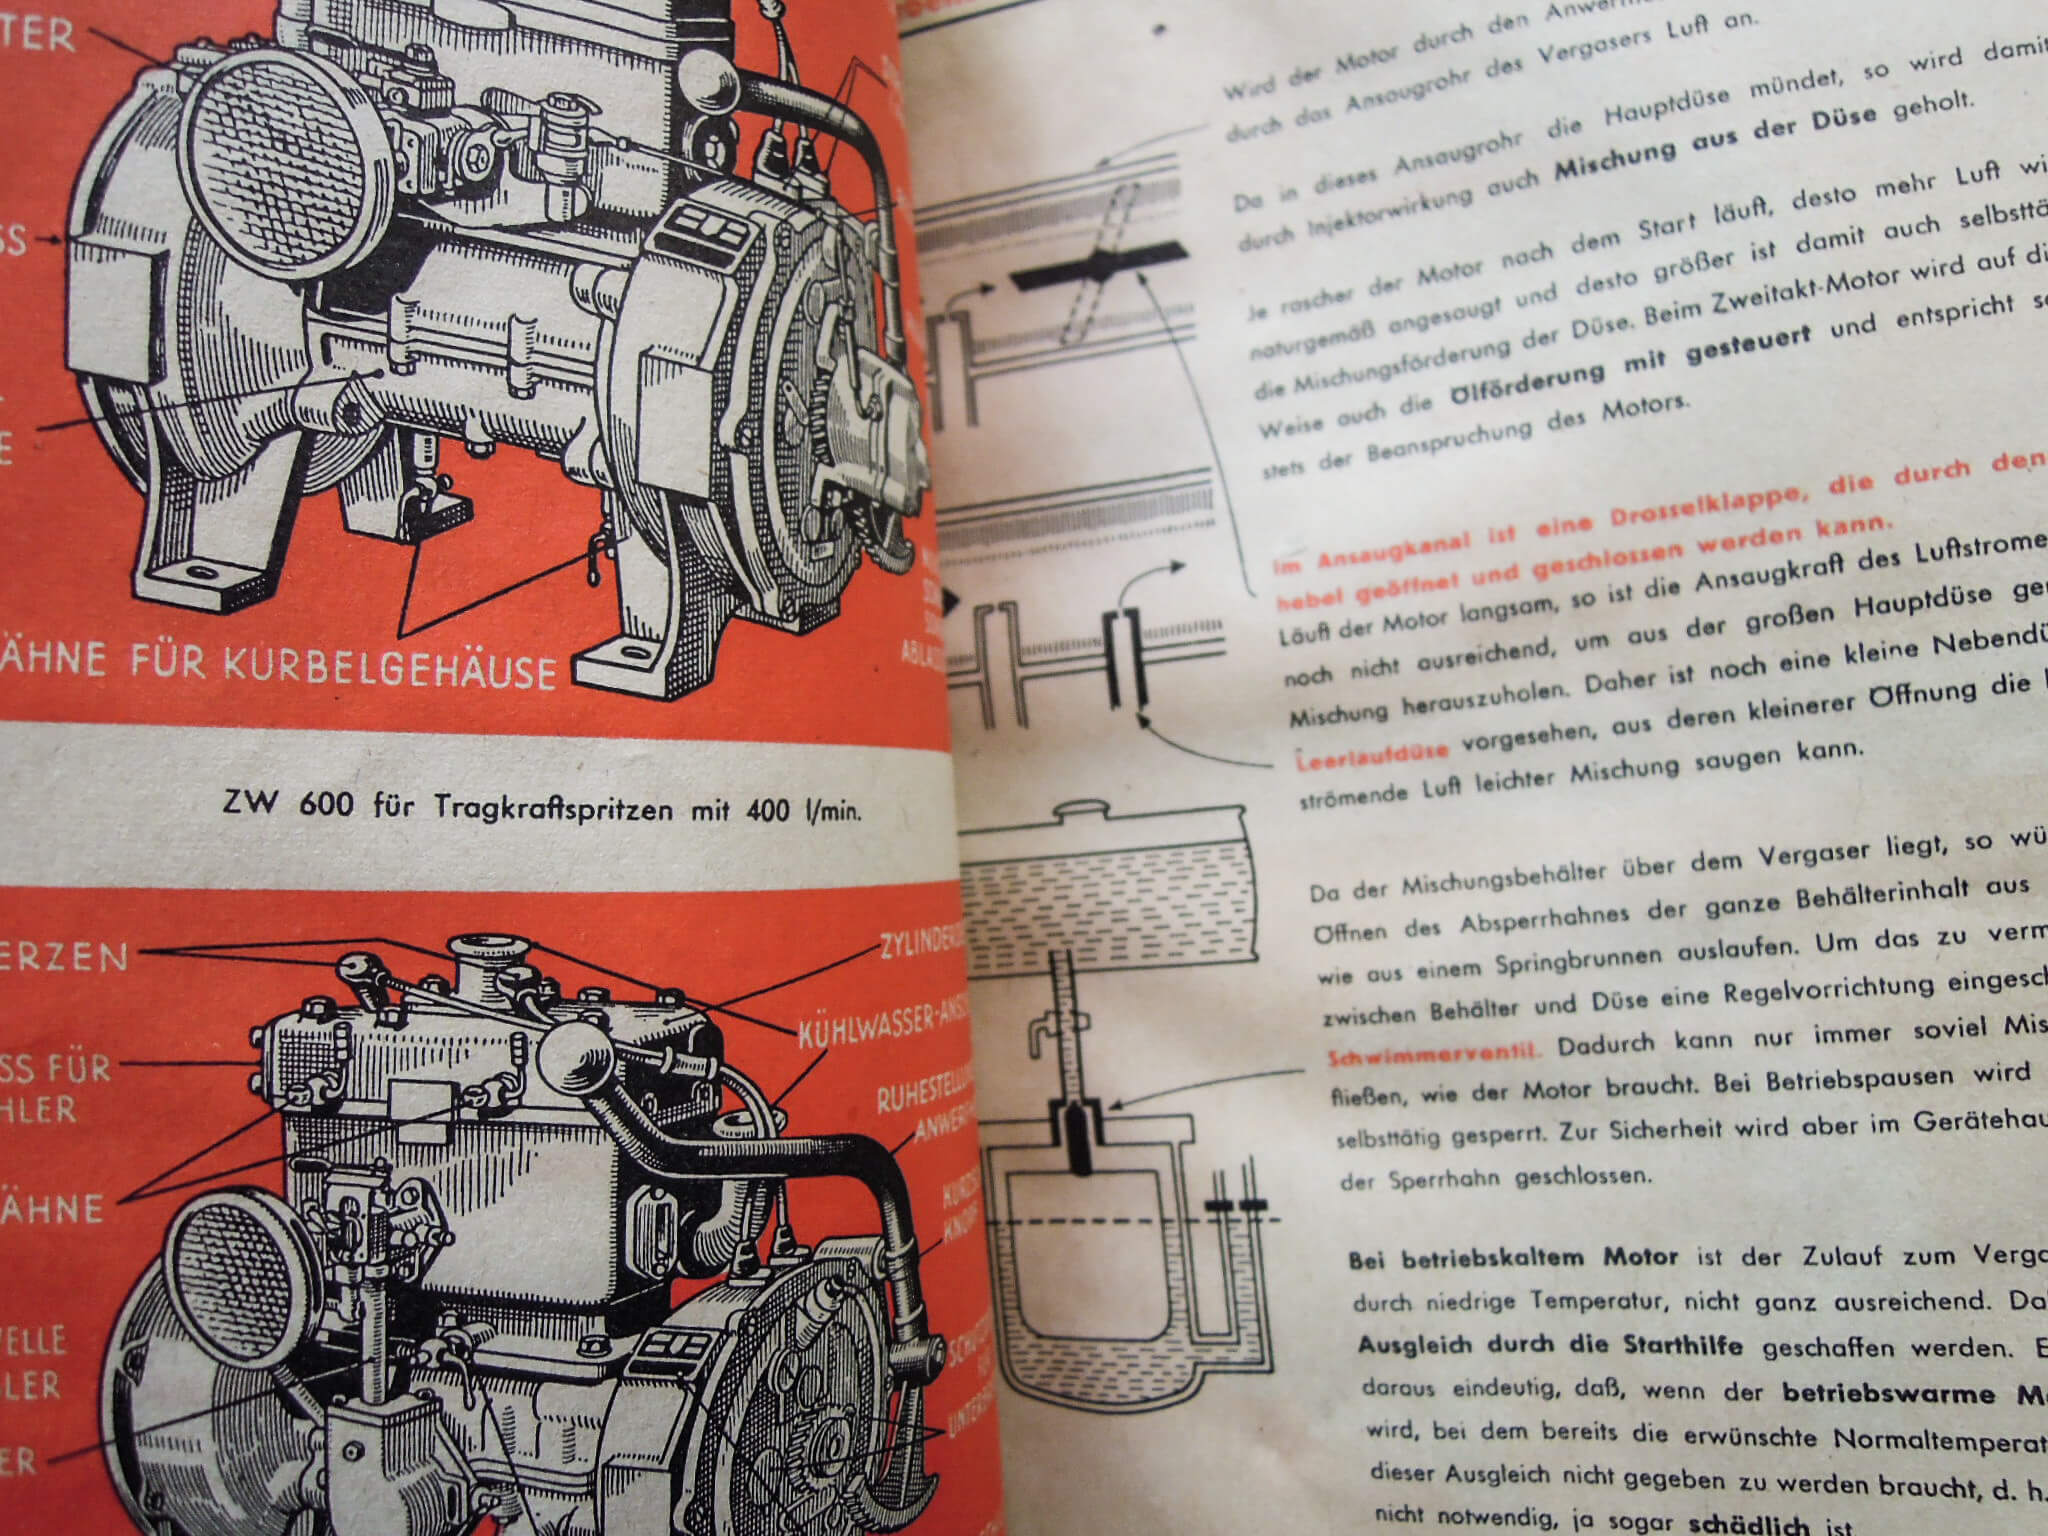 Auto Union DKW Motoren Fibel 1944